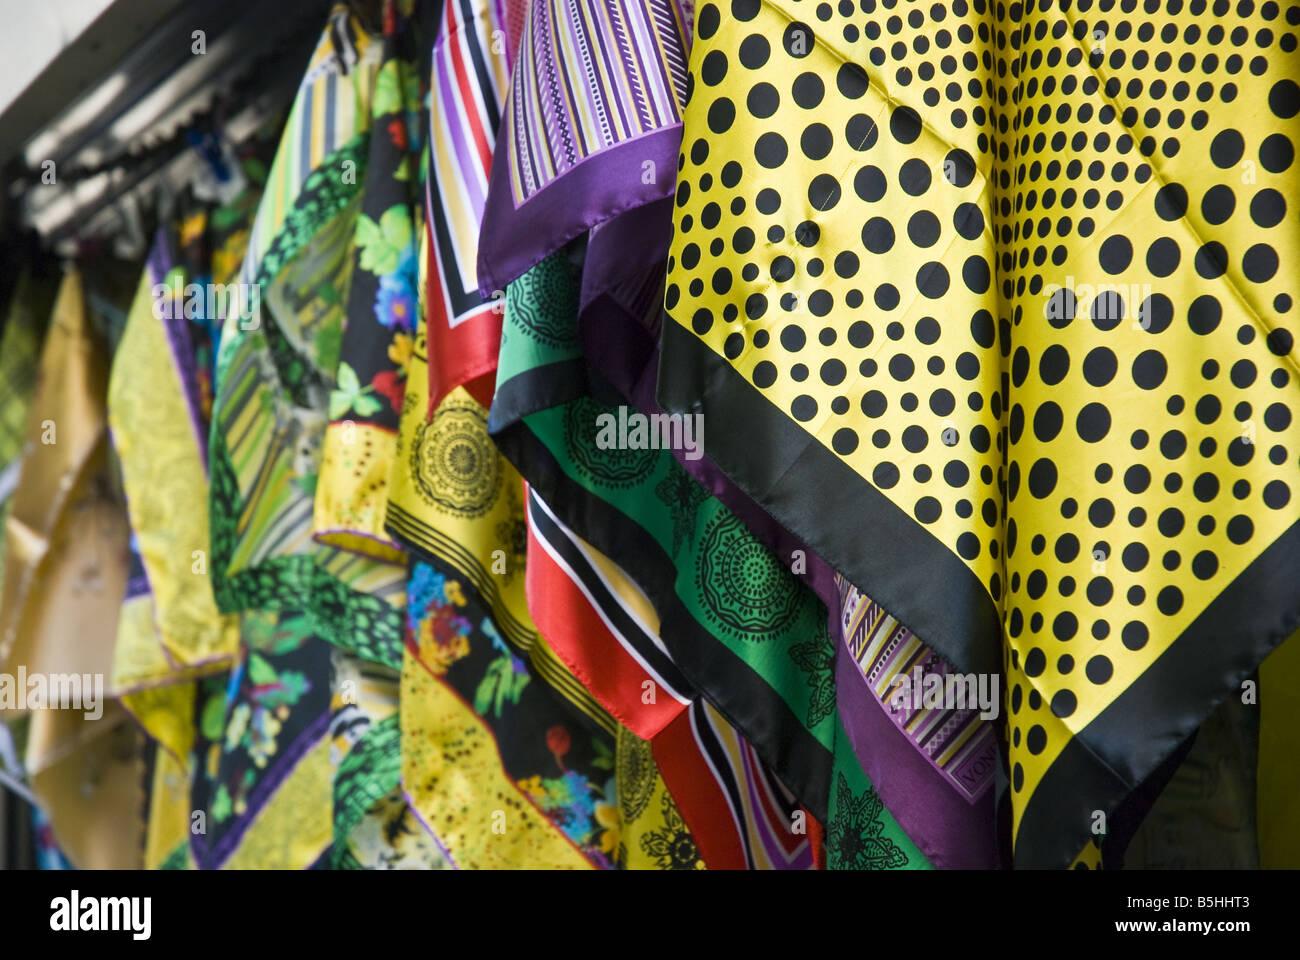 0bdaa2cd5b89 Foulards en soie en vente dans le Grand Bazar à Istanbul, Turquie ...